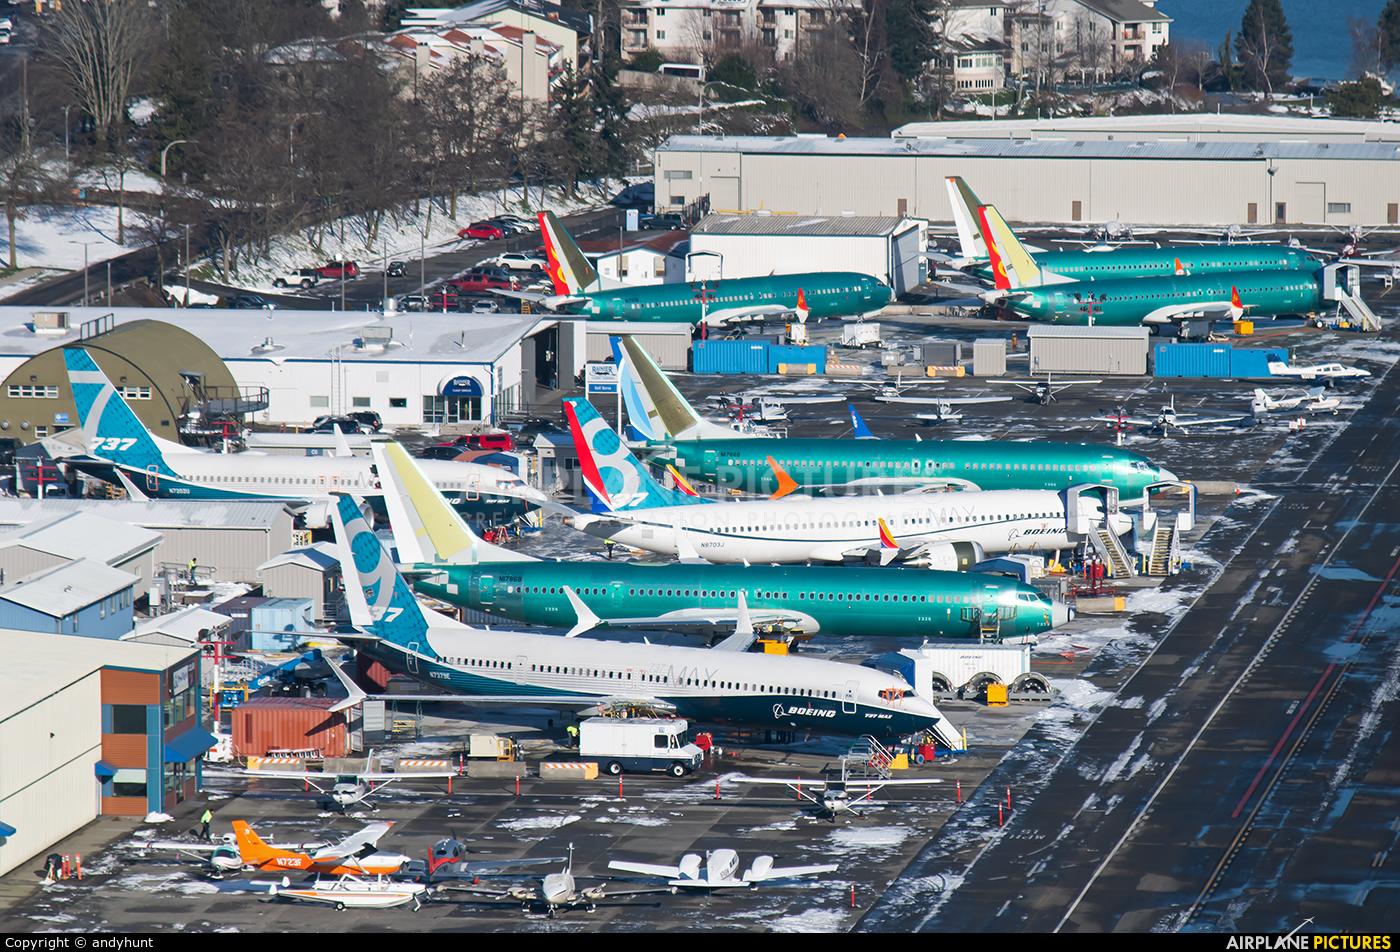 Boeing Company N7379E aircraft at Renton Municipal